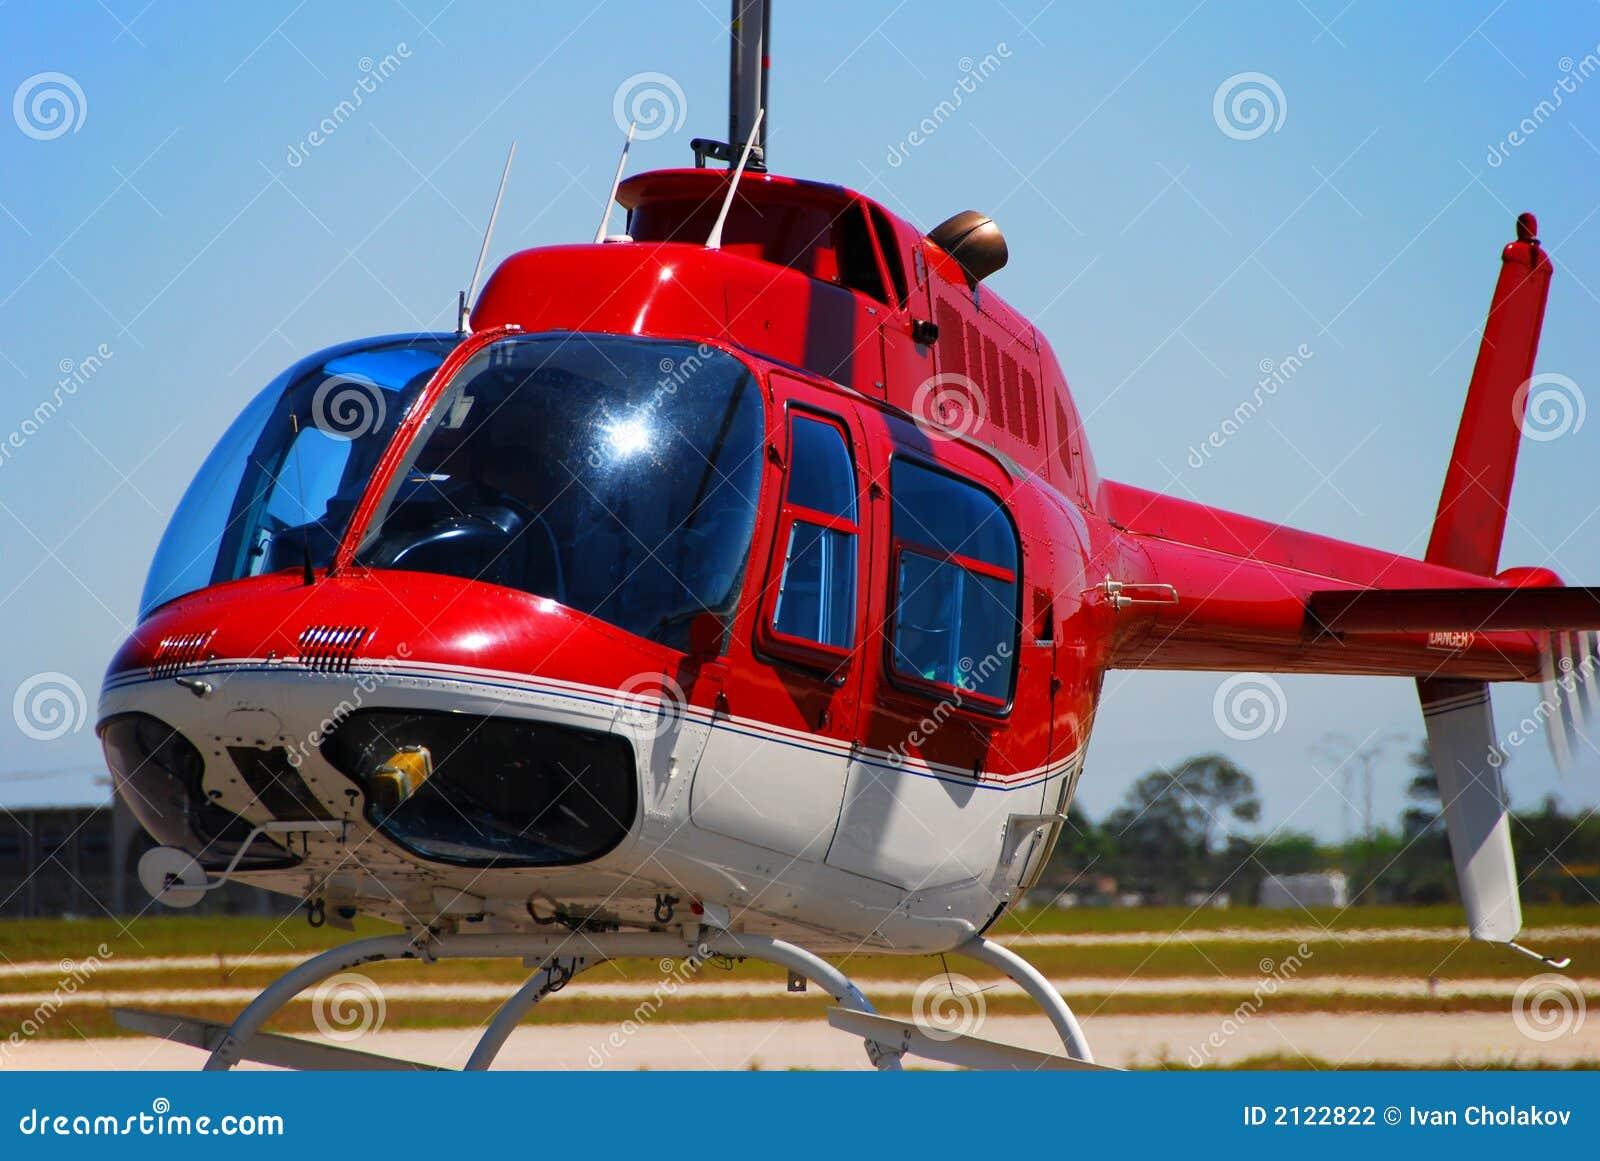 Klok 206 helikopter het opstijgen